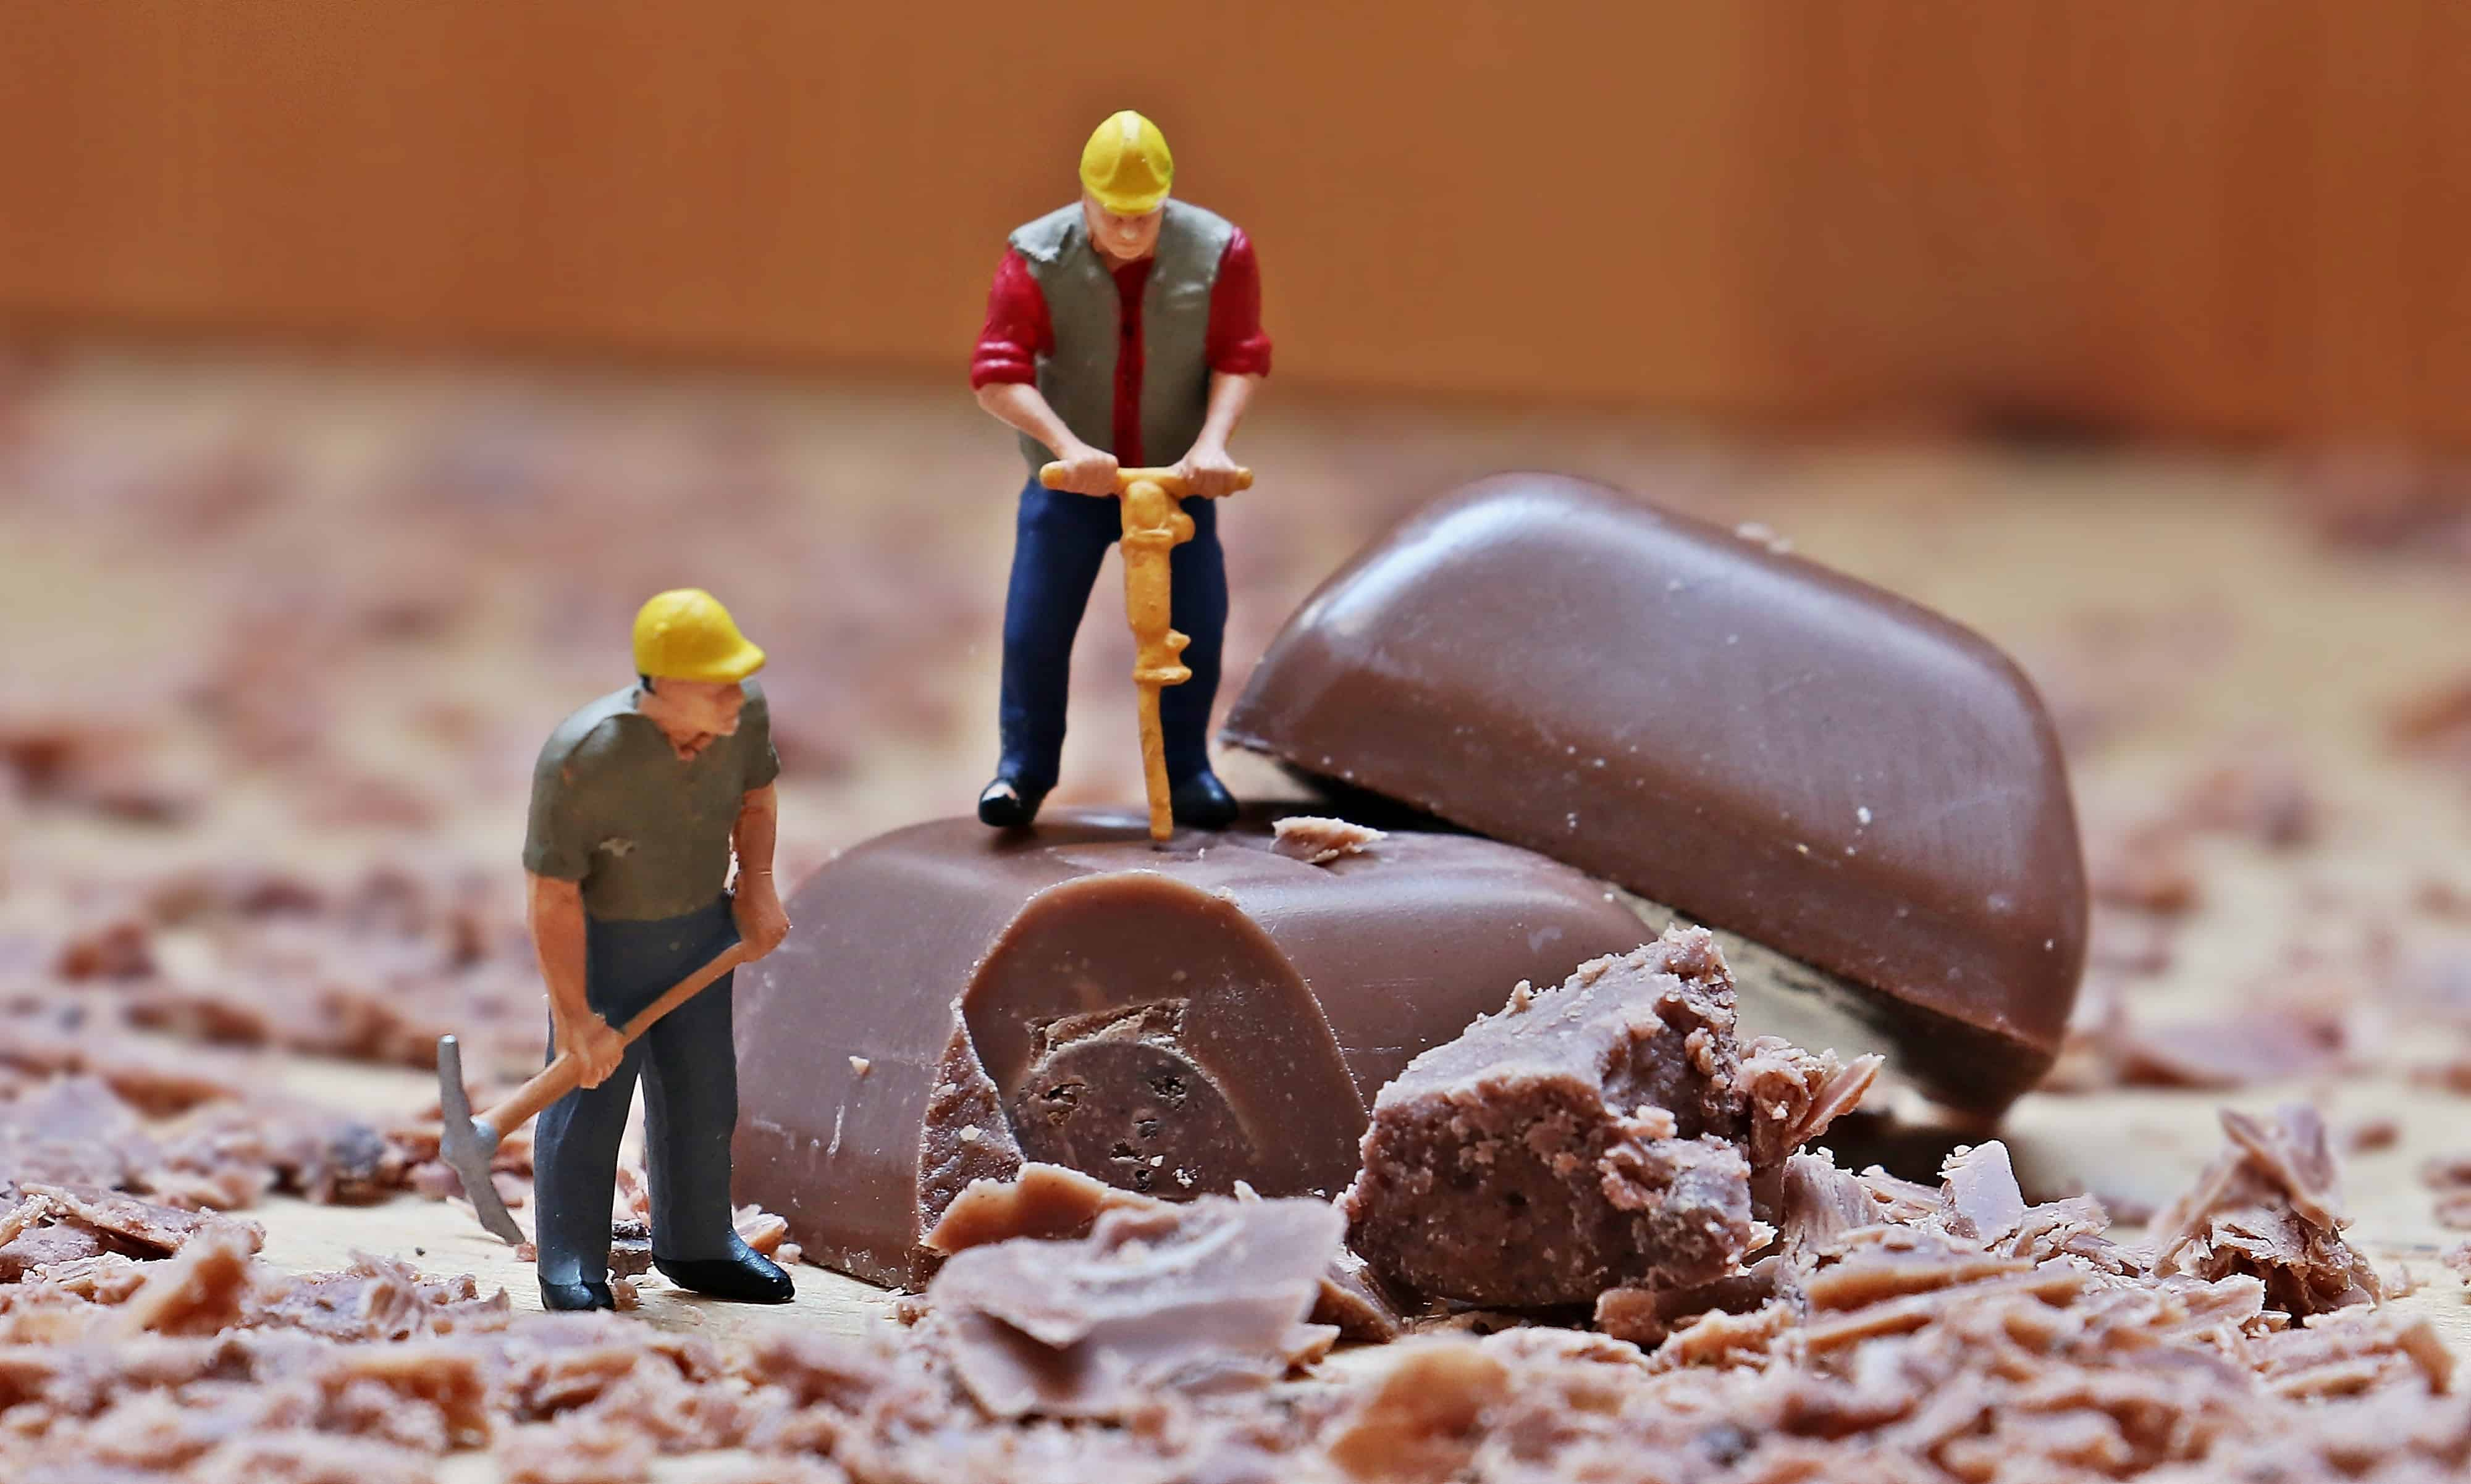 Minibauarbeiter bearbeiten Stück Schokolade